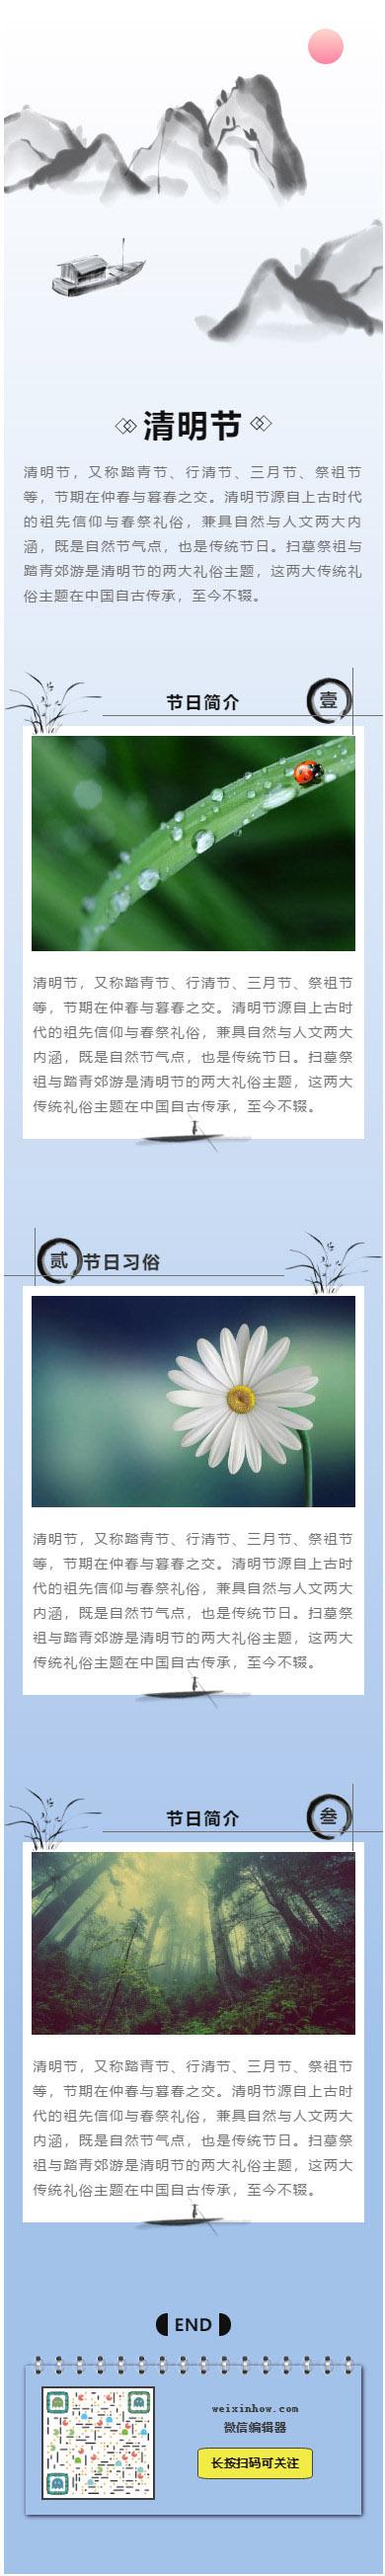 清明节水墨风格微信公众号推文模板推送图文文章模板